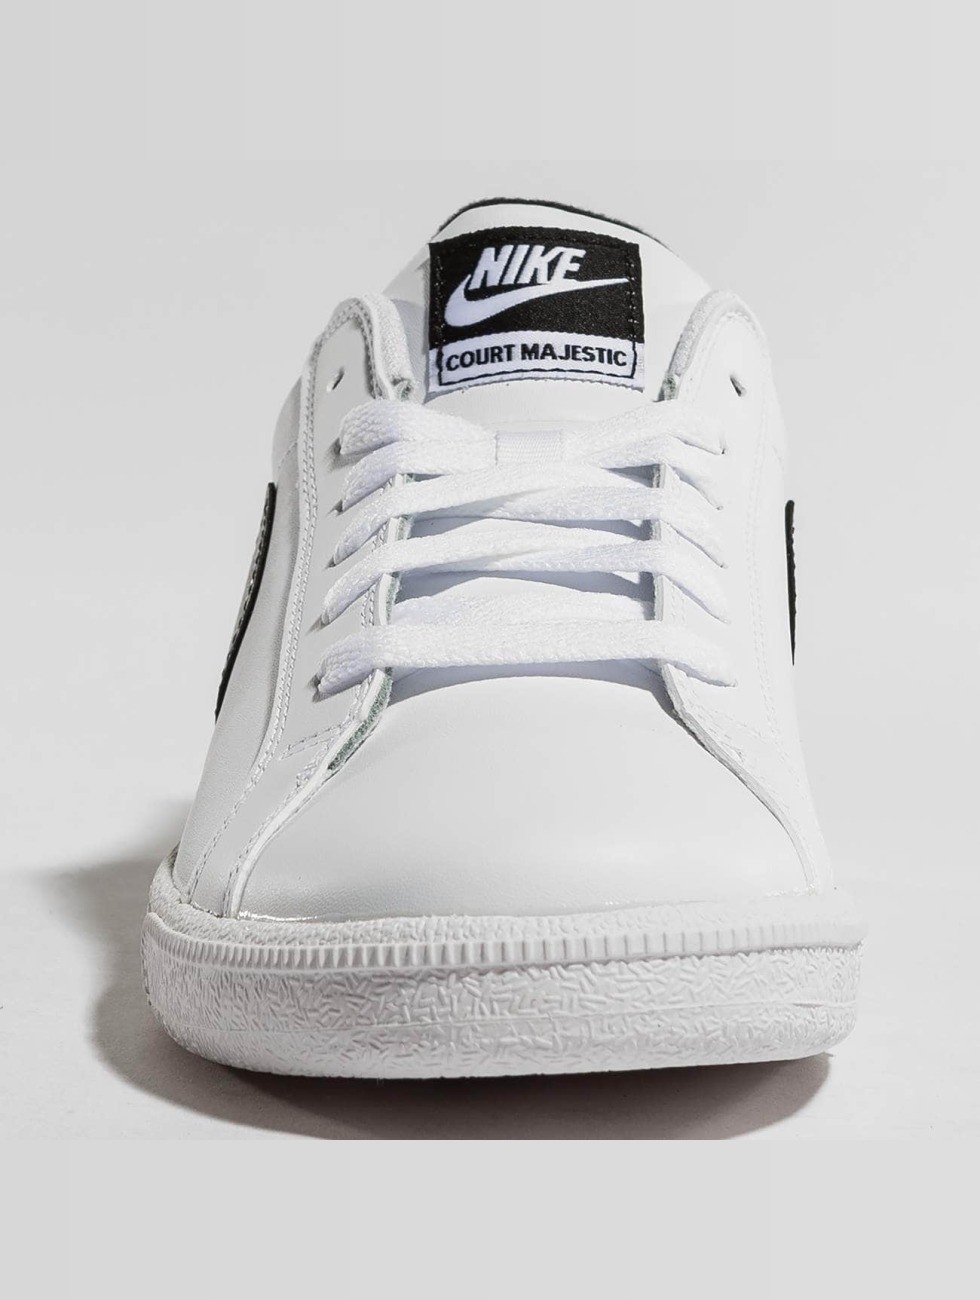 Nike Schoen / Court De Baskets En Cuir Majestueux Esprit 442622 Faire Du Shopping En Ligne Pas Cher Pas Cher Magasin De Jeu En Ligne Livraison Gratuite Le Moins Cher 6GarDH